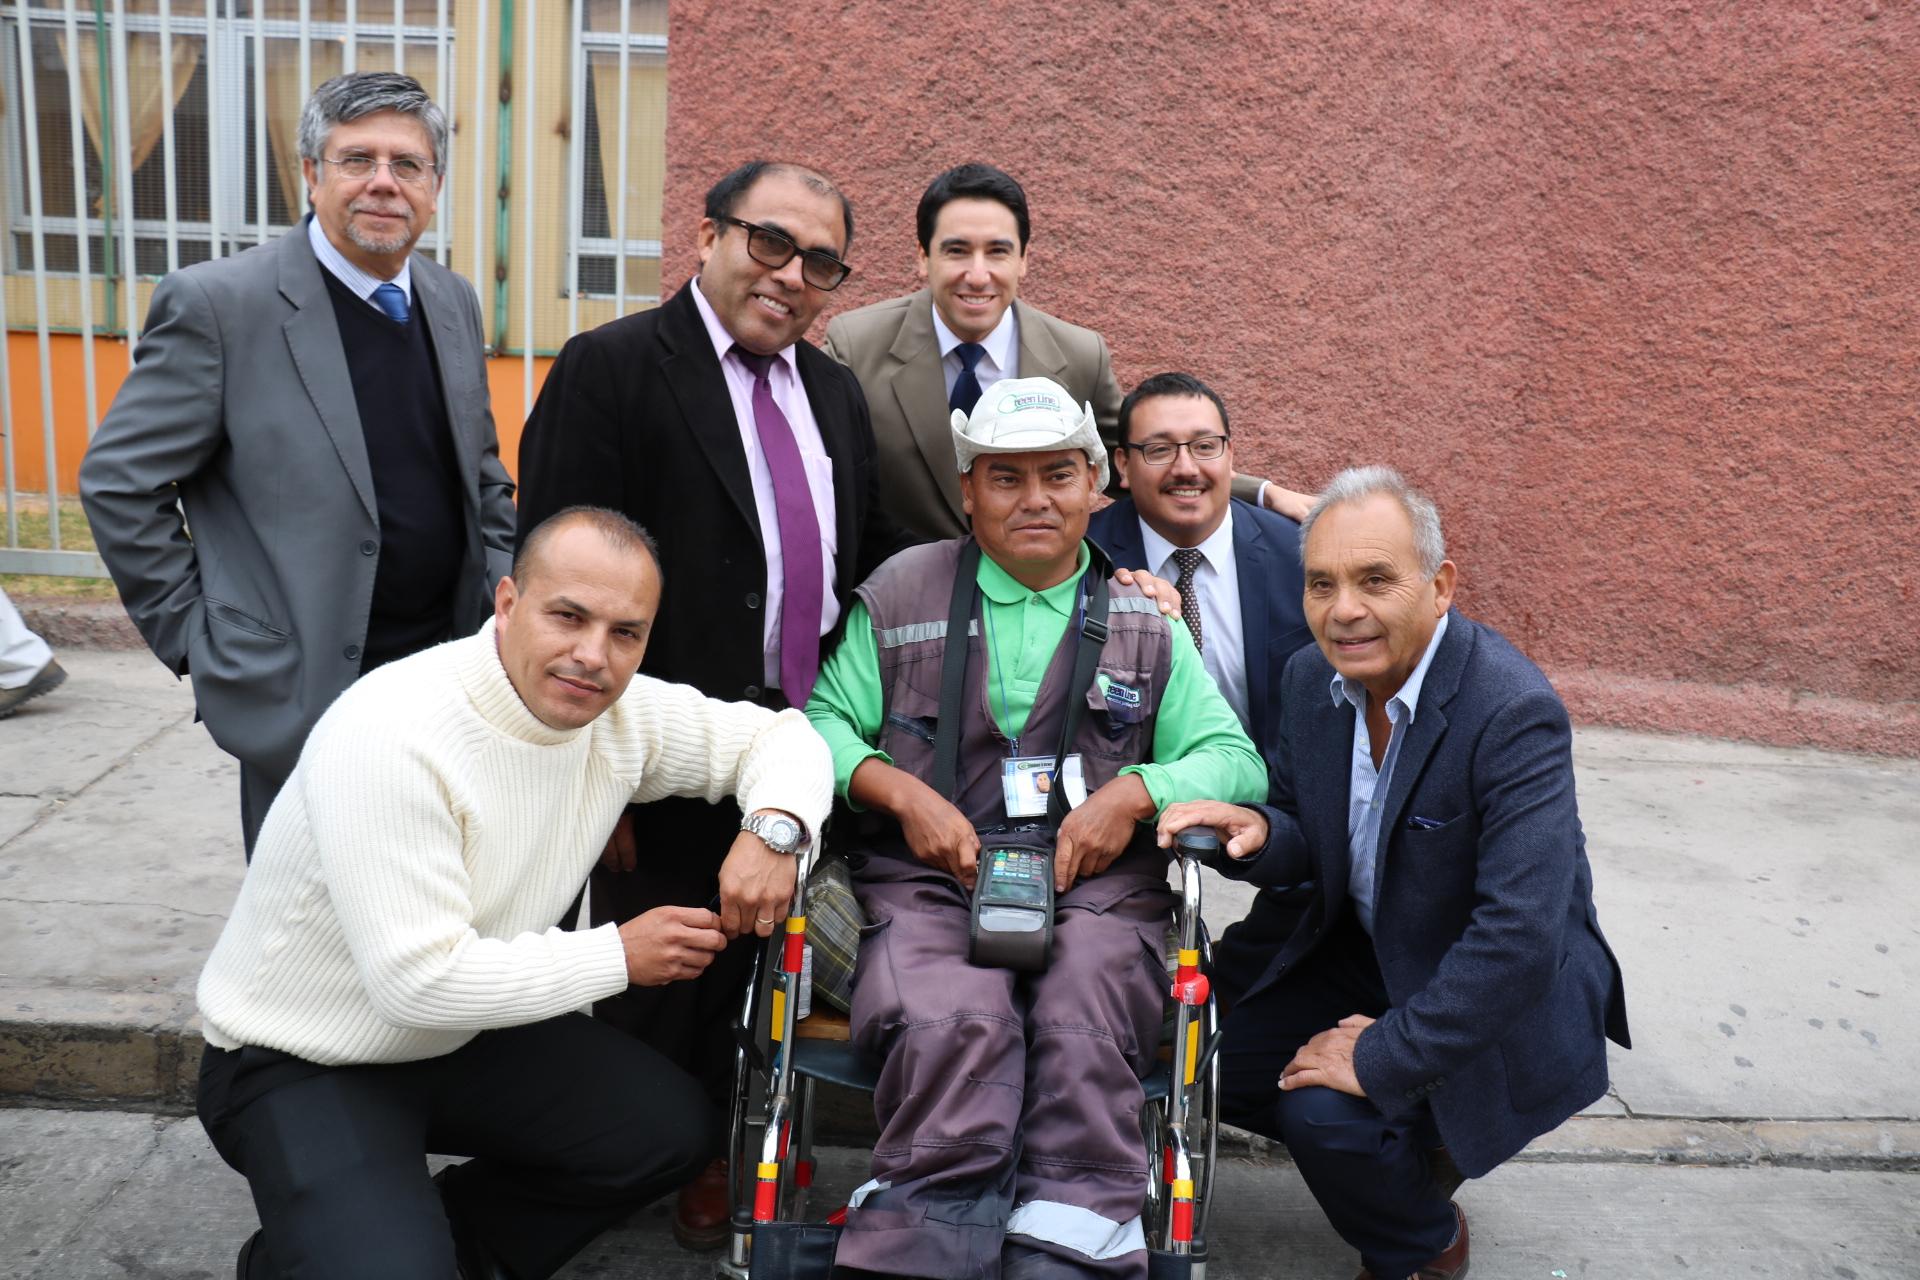 Destacan la puesta en vigencia de la ley de inclusión laboral en Vallenar